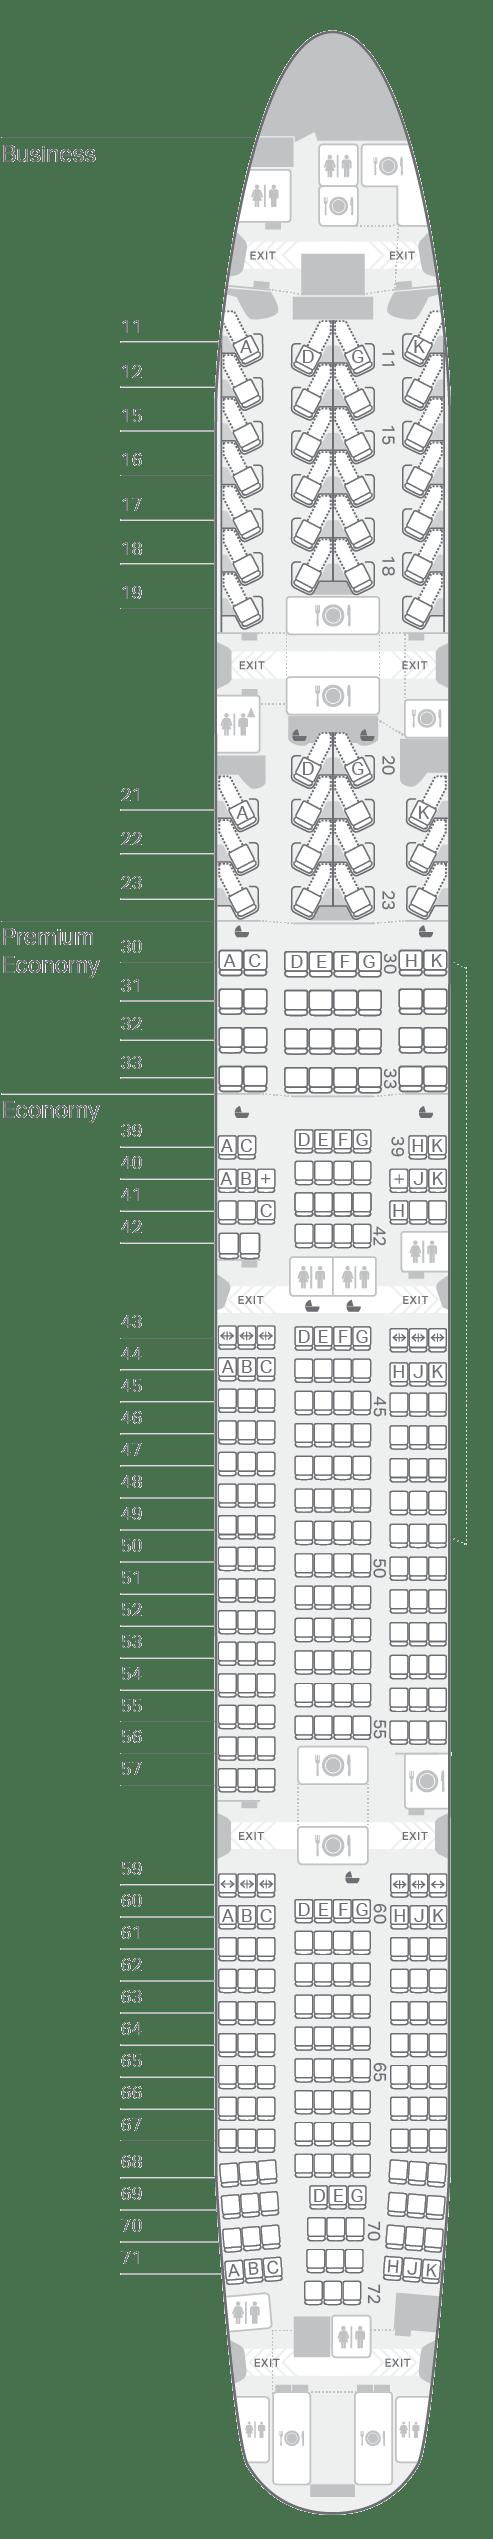 777 300 73k Seating Plan